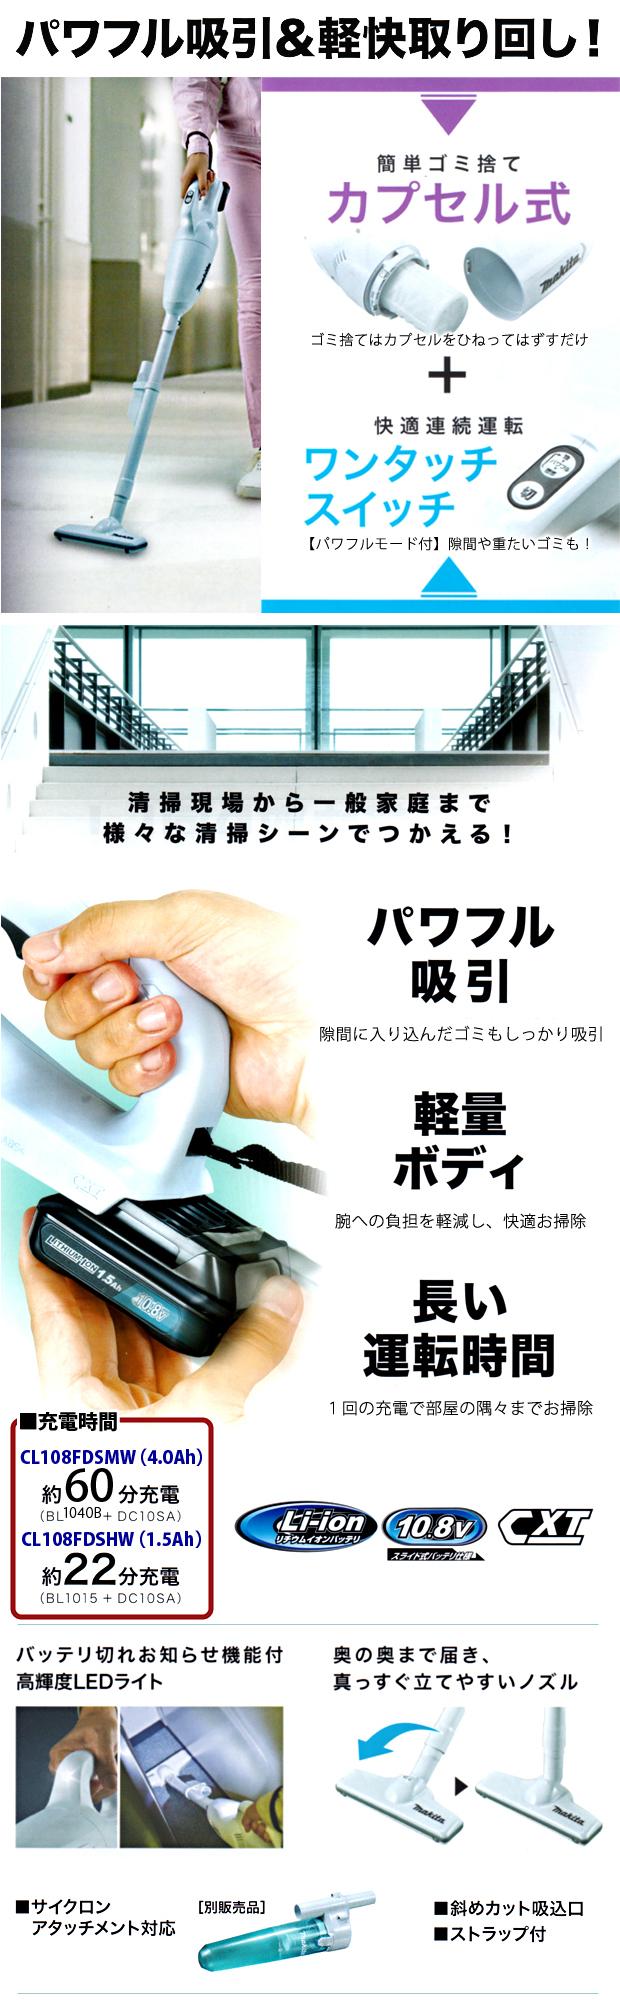 マキタ 10.8V 充電式クリーナ CL108FD